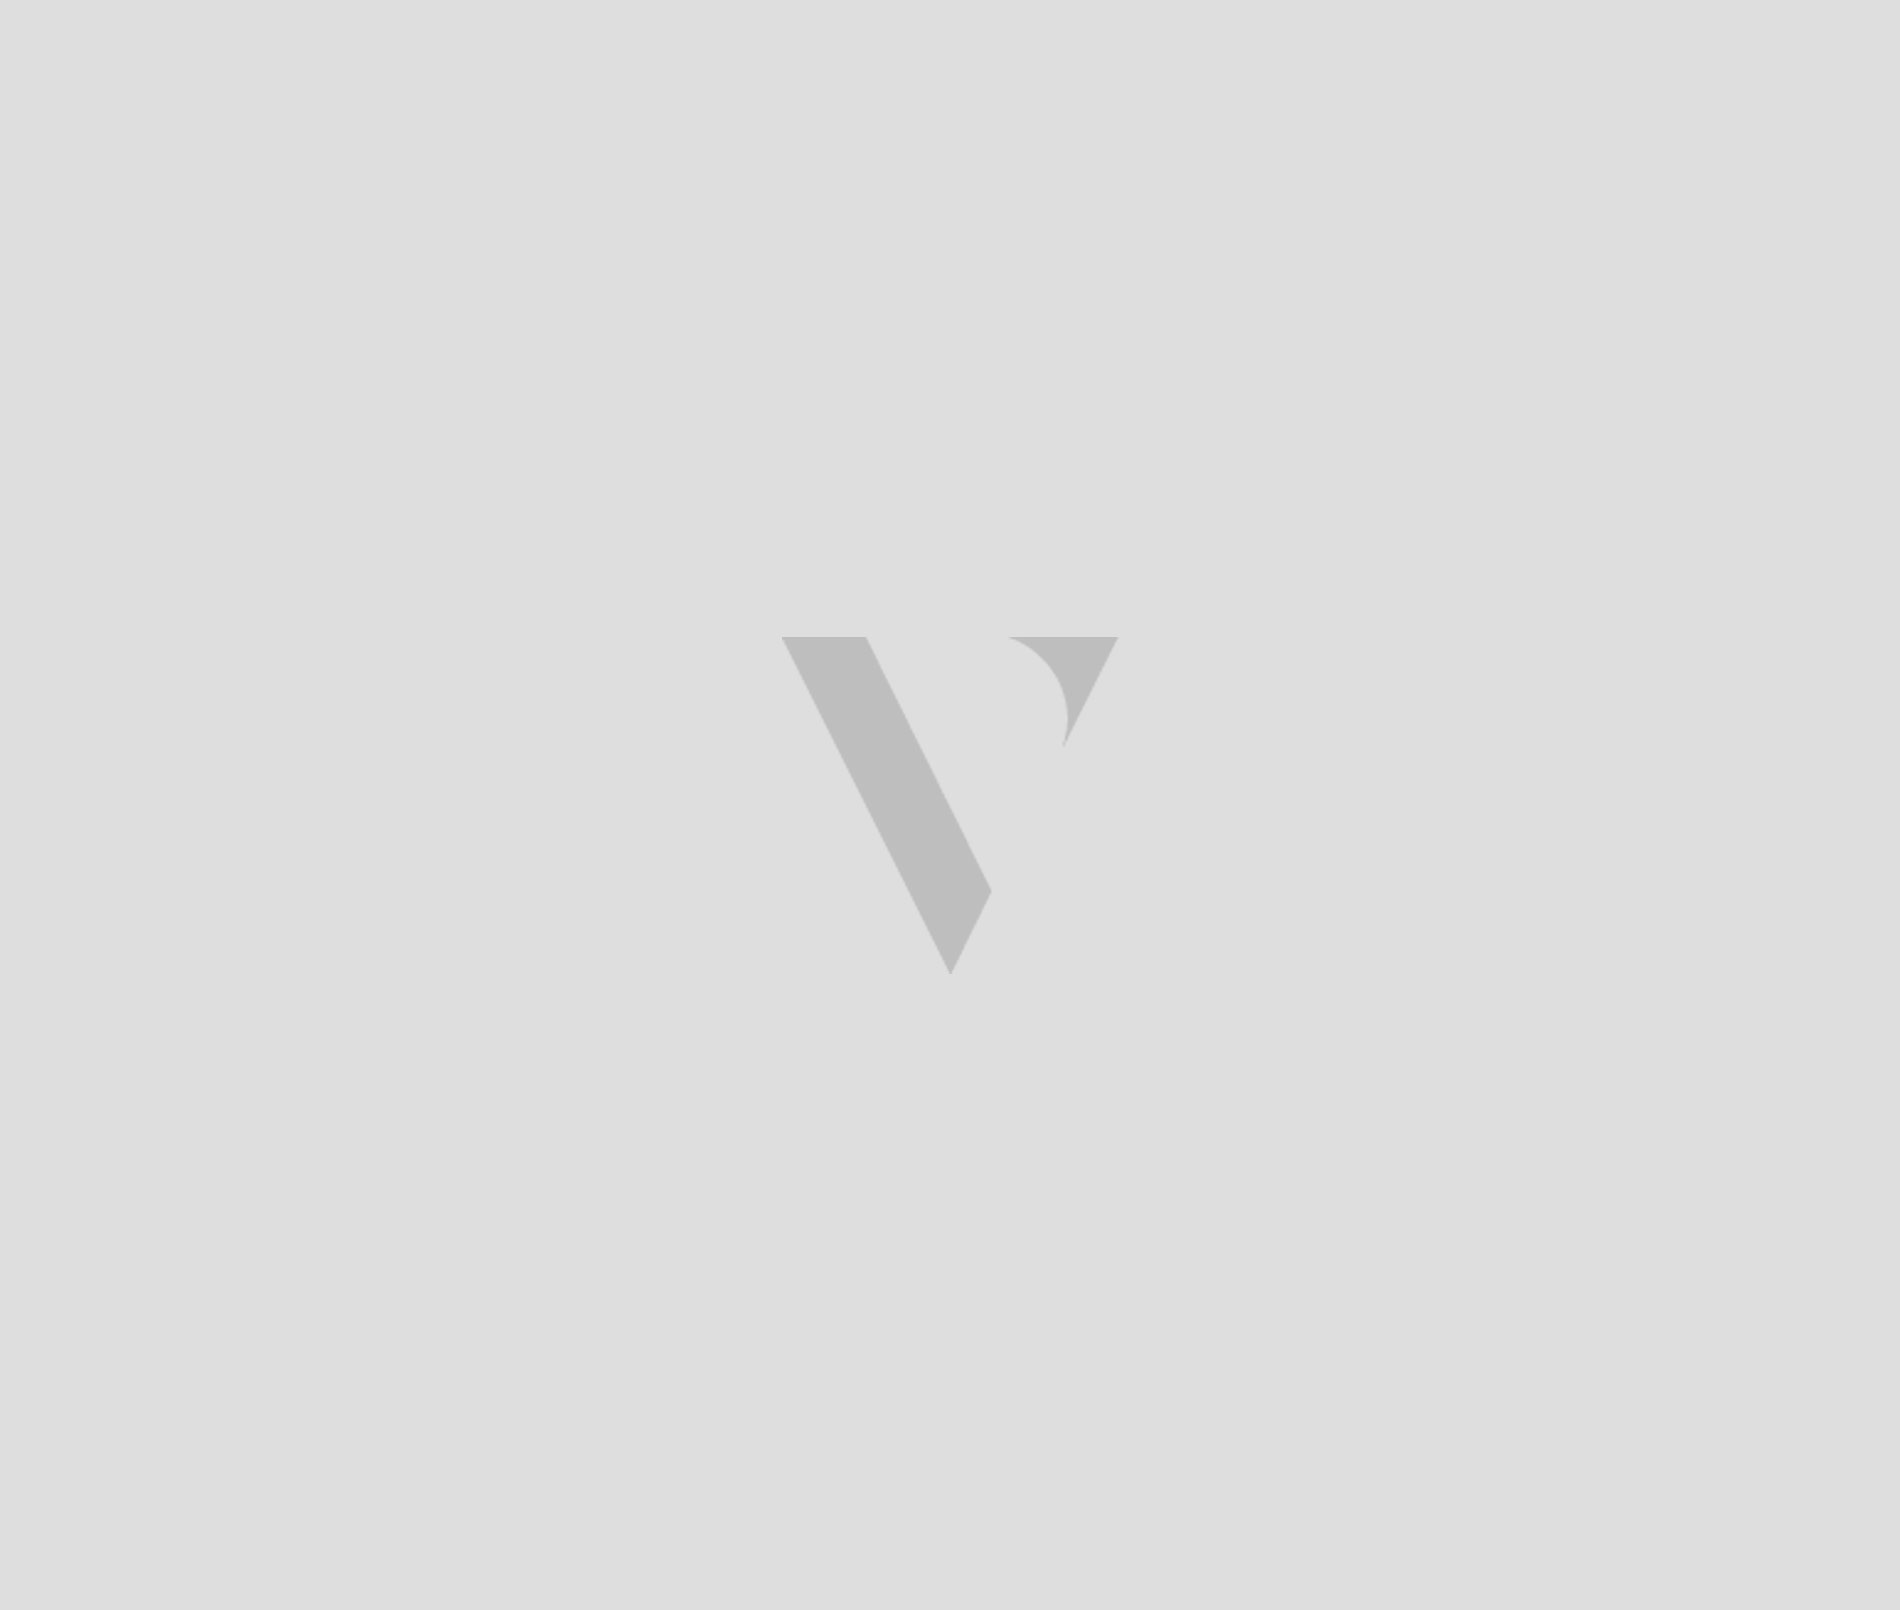 venrock-logo-square